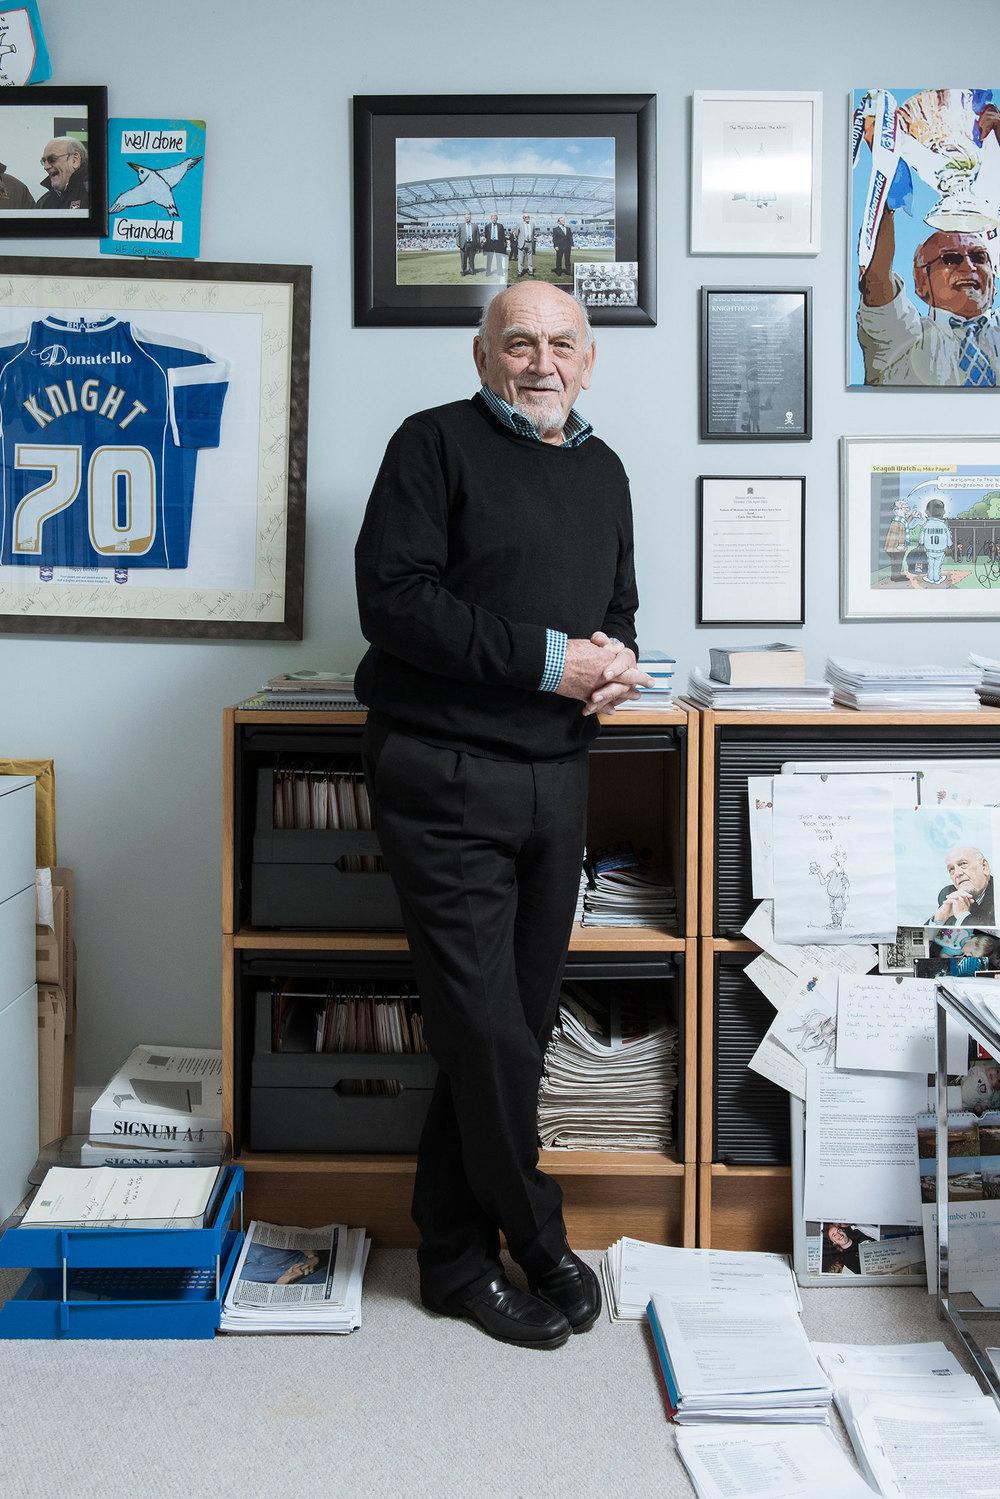 Dick Knight - Brighton & Hove Albion Chairman Portrait